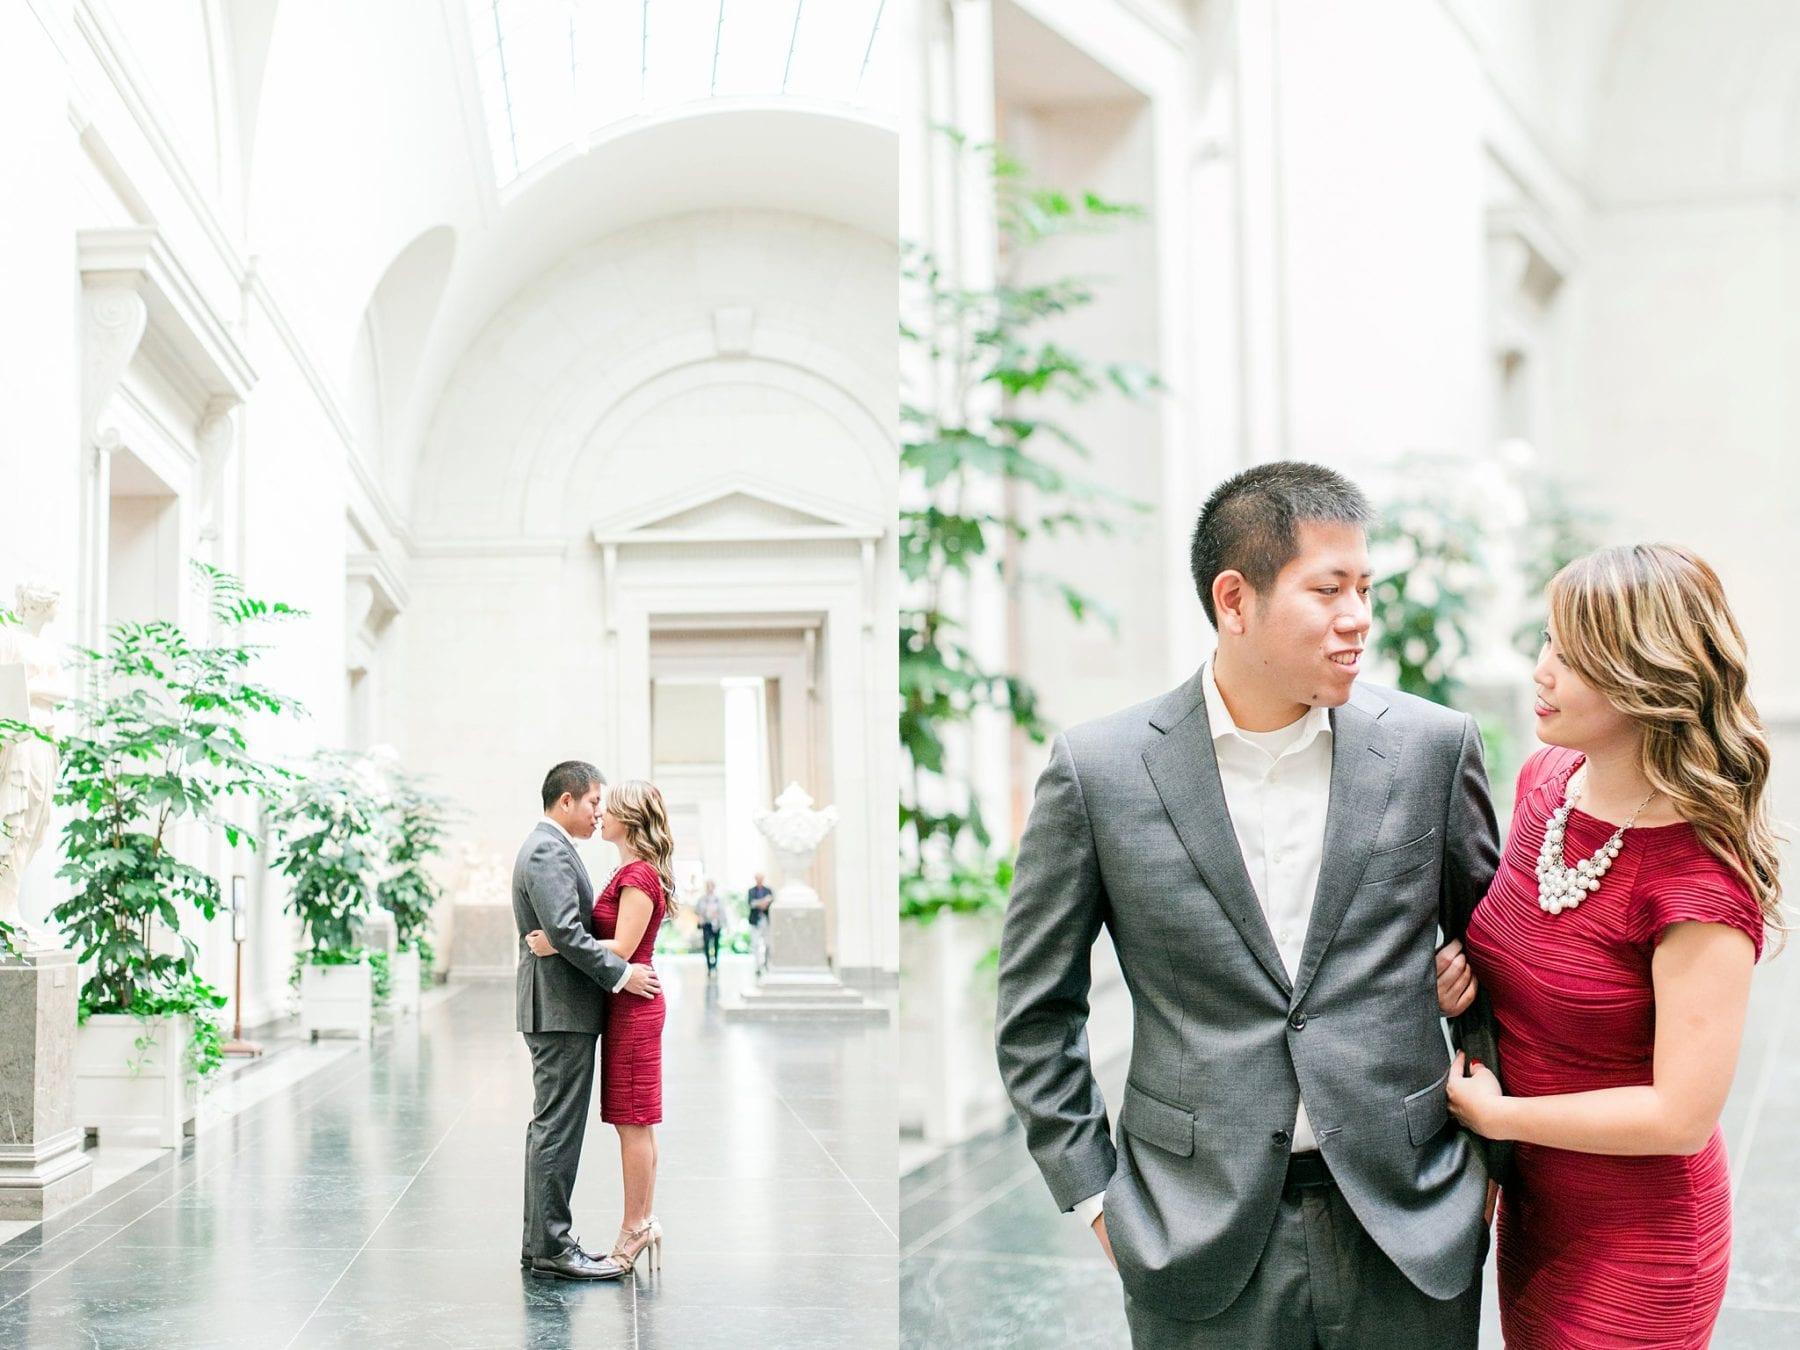 National Gallery of Art Engagement Photos Megan Kelsey Photography Washington DC Wedding Photographer Sy-yu & Anthony-110.jpg